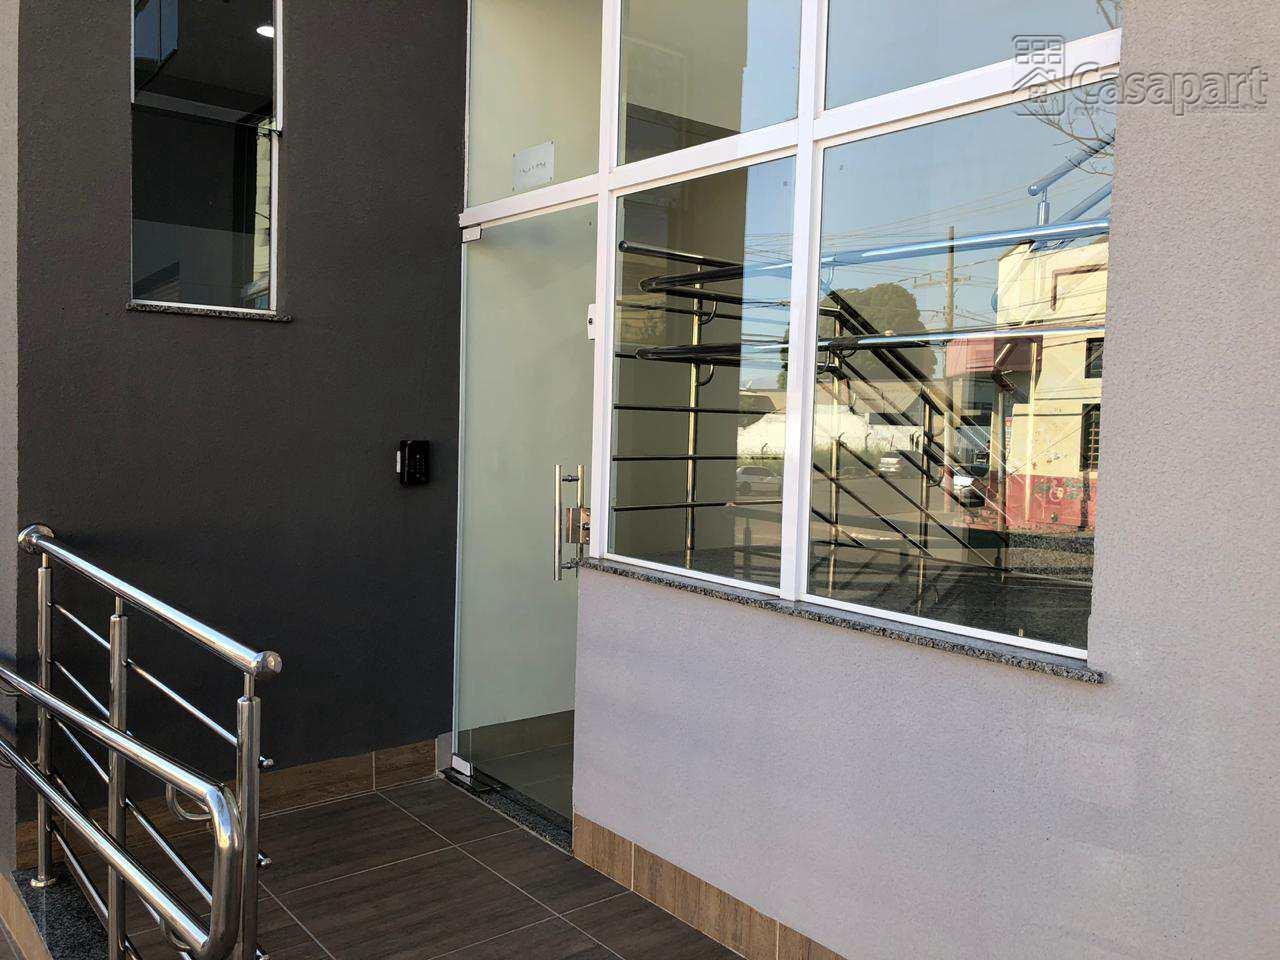 Sala comercial - Galeria nova - Campo Grande - MS